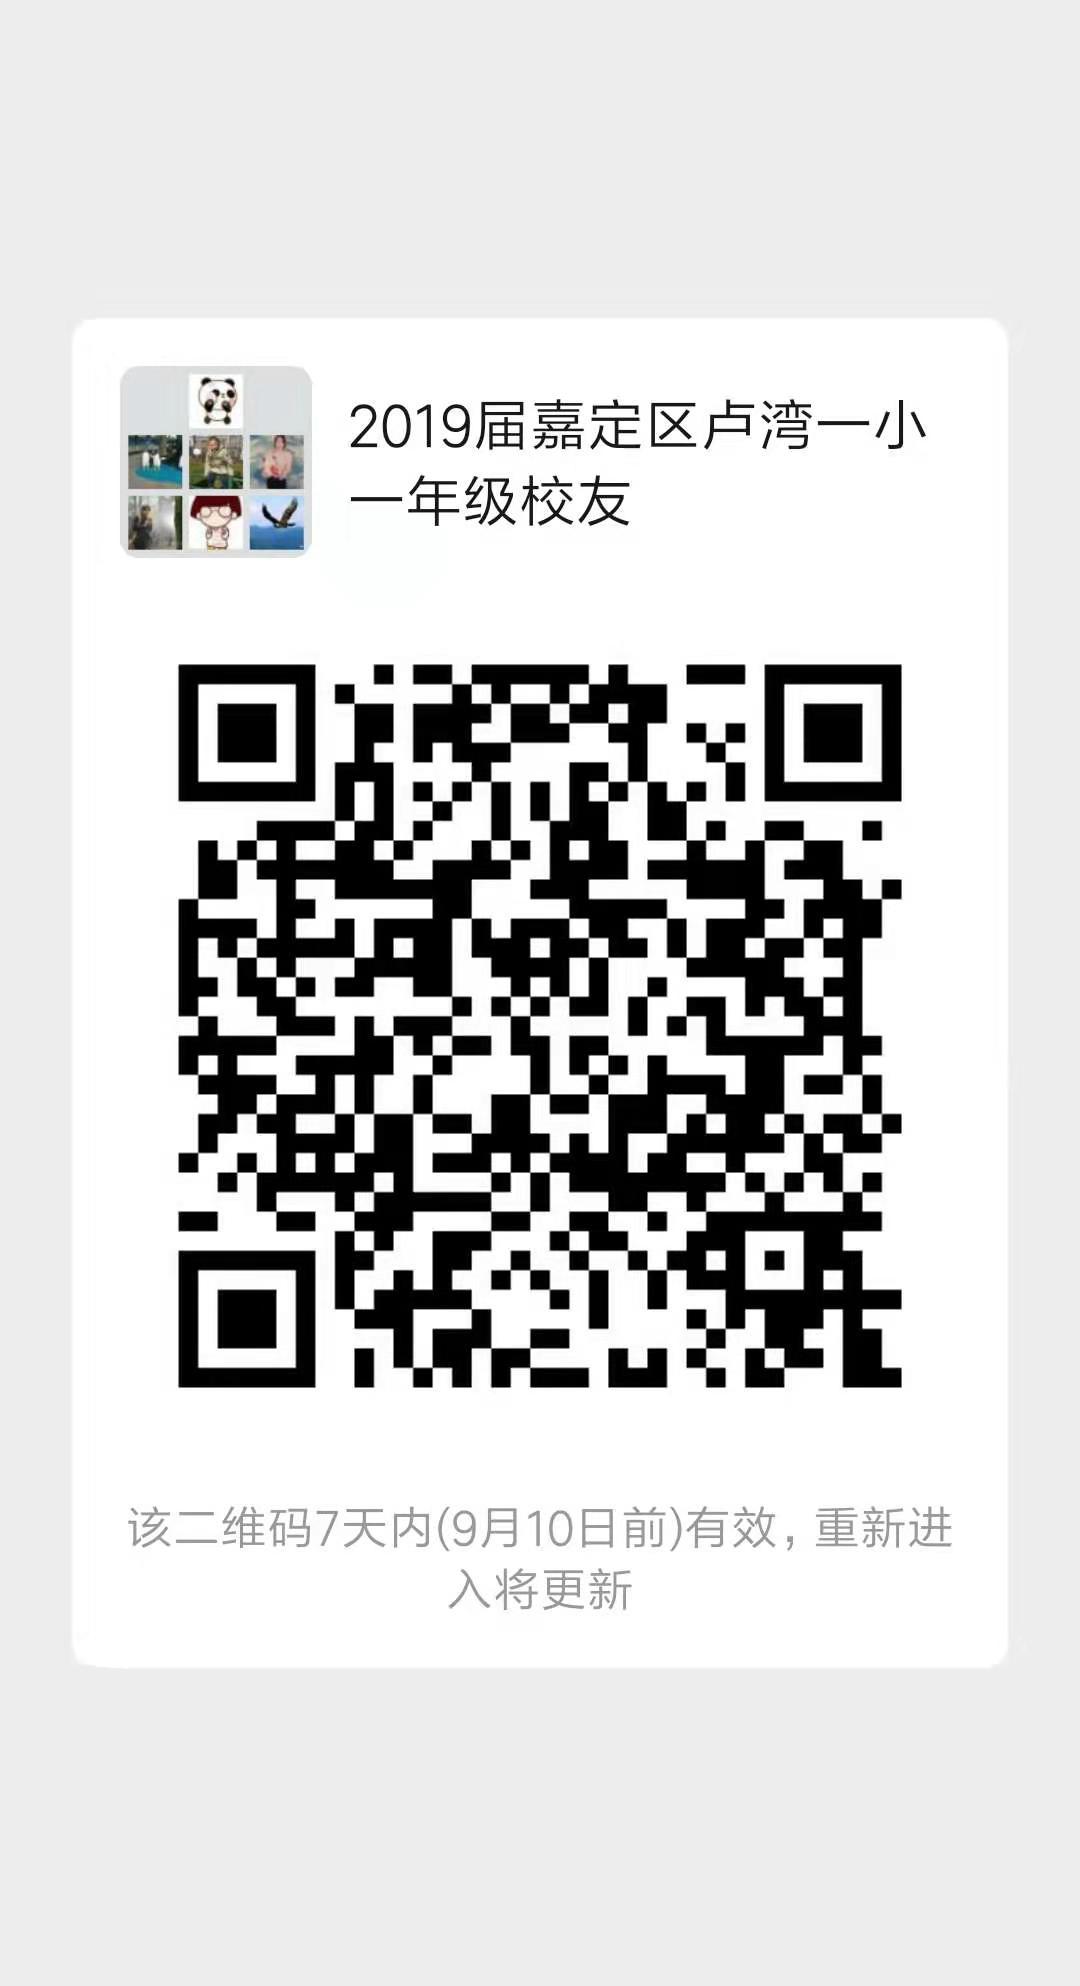 523412685.jpg